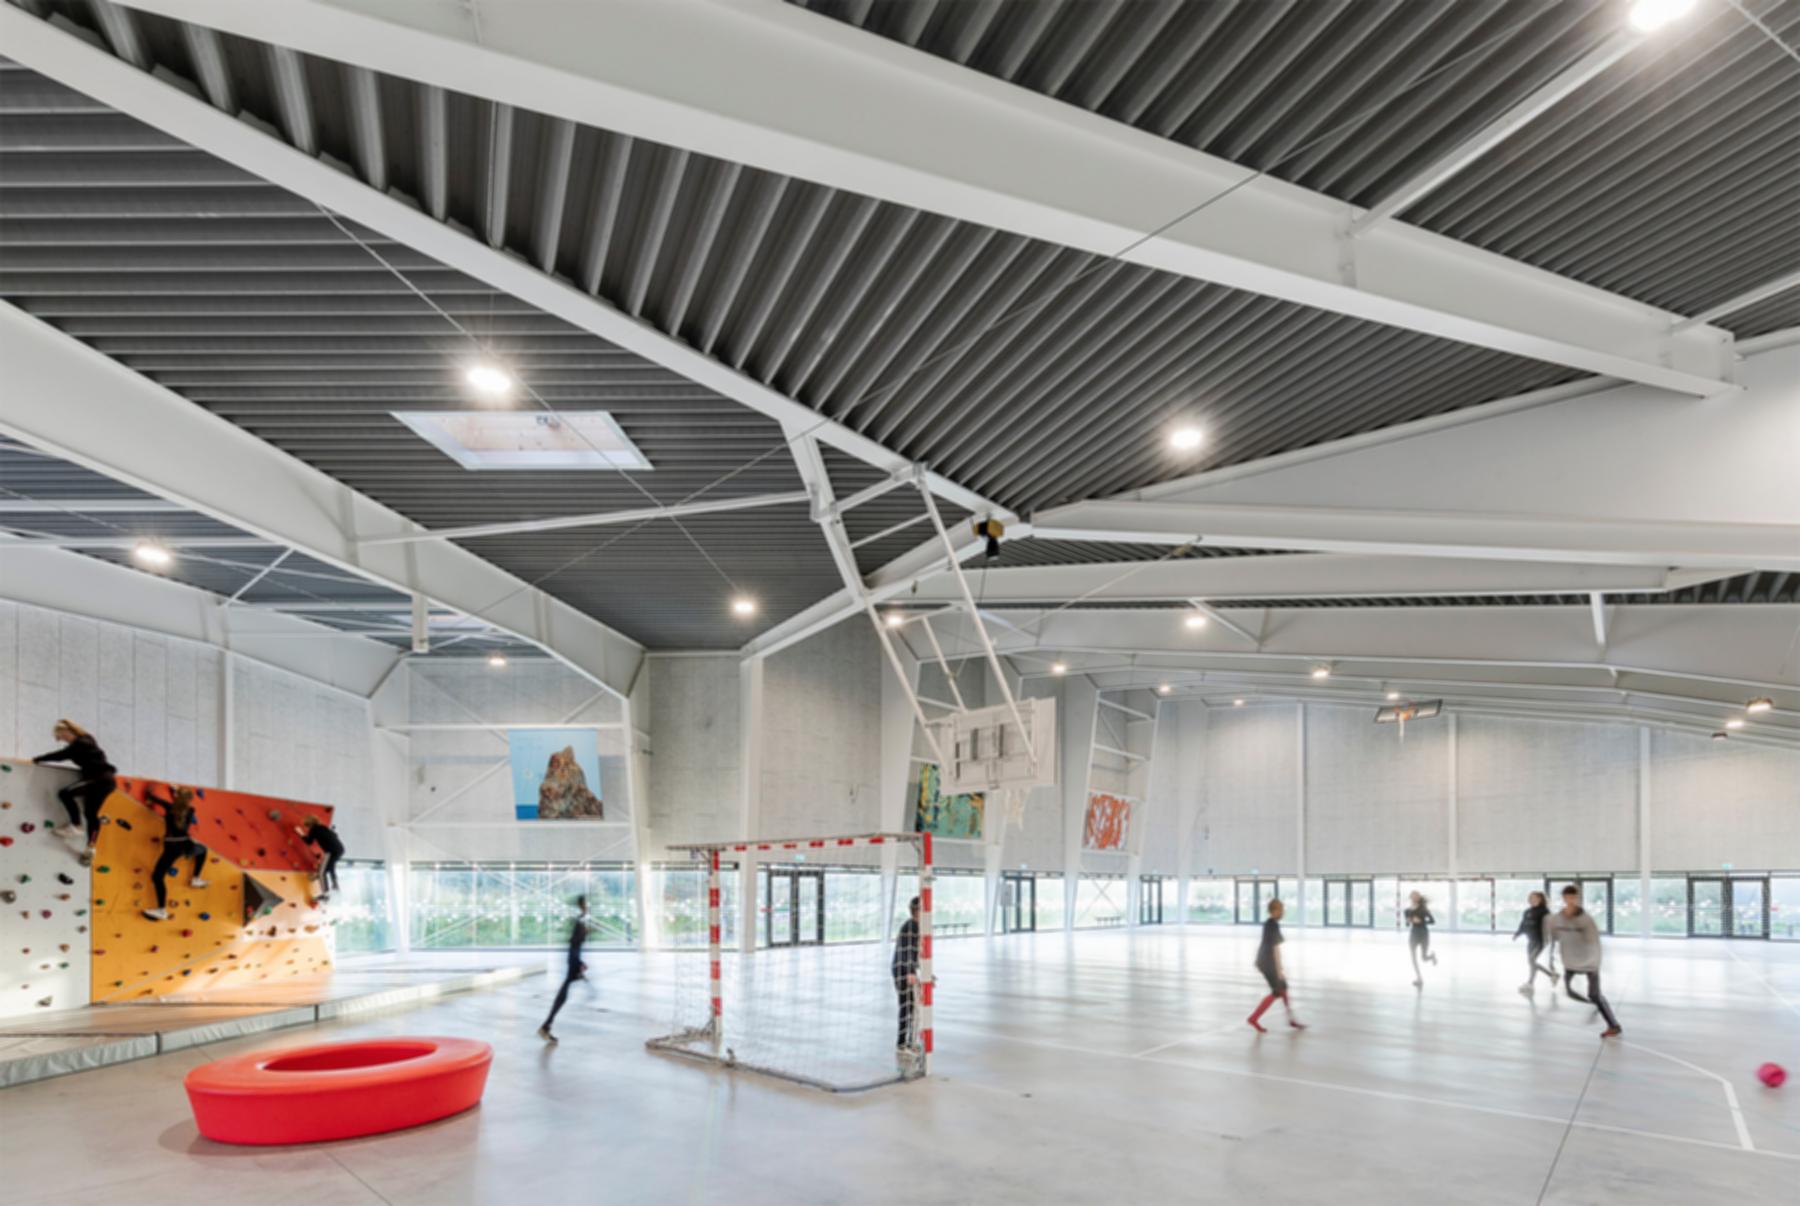 Ørestad Multi Sports Facility - Interior